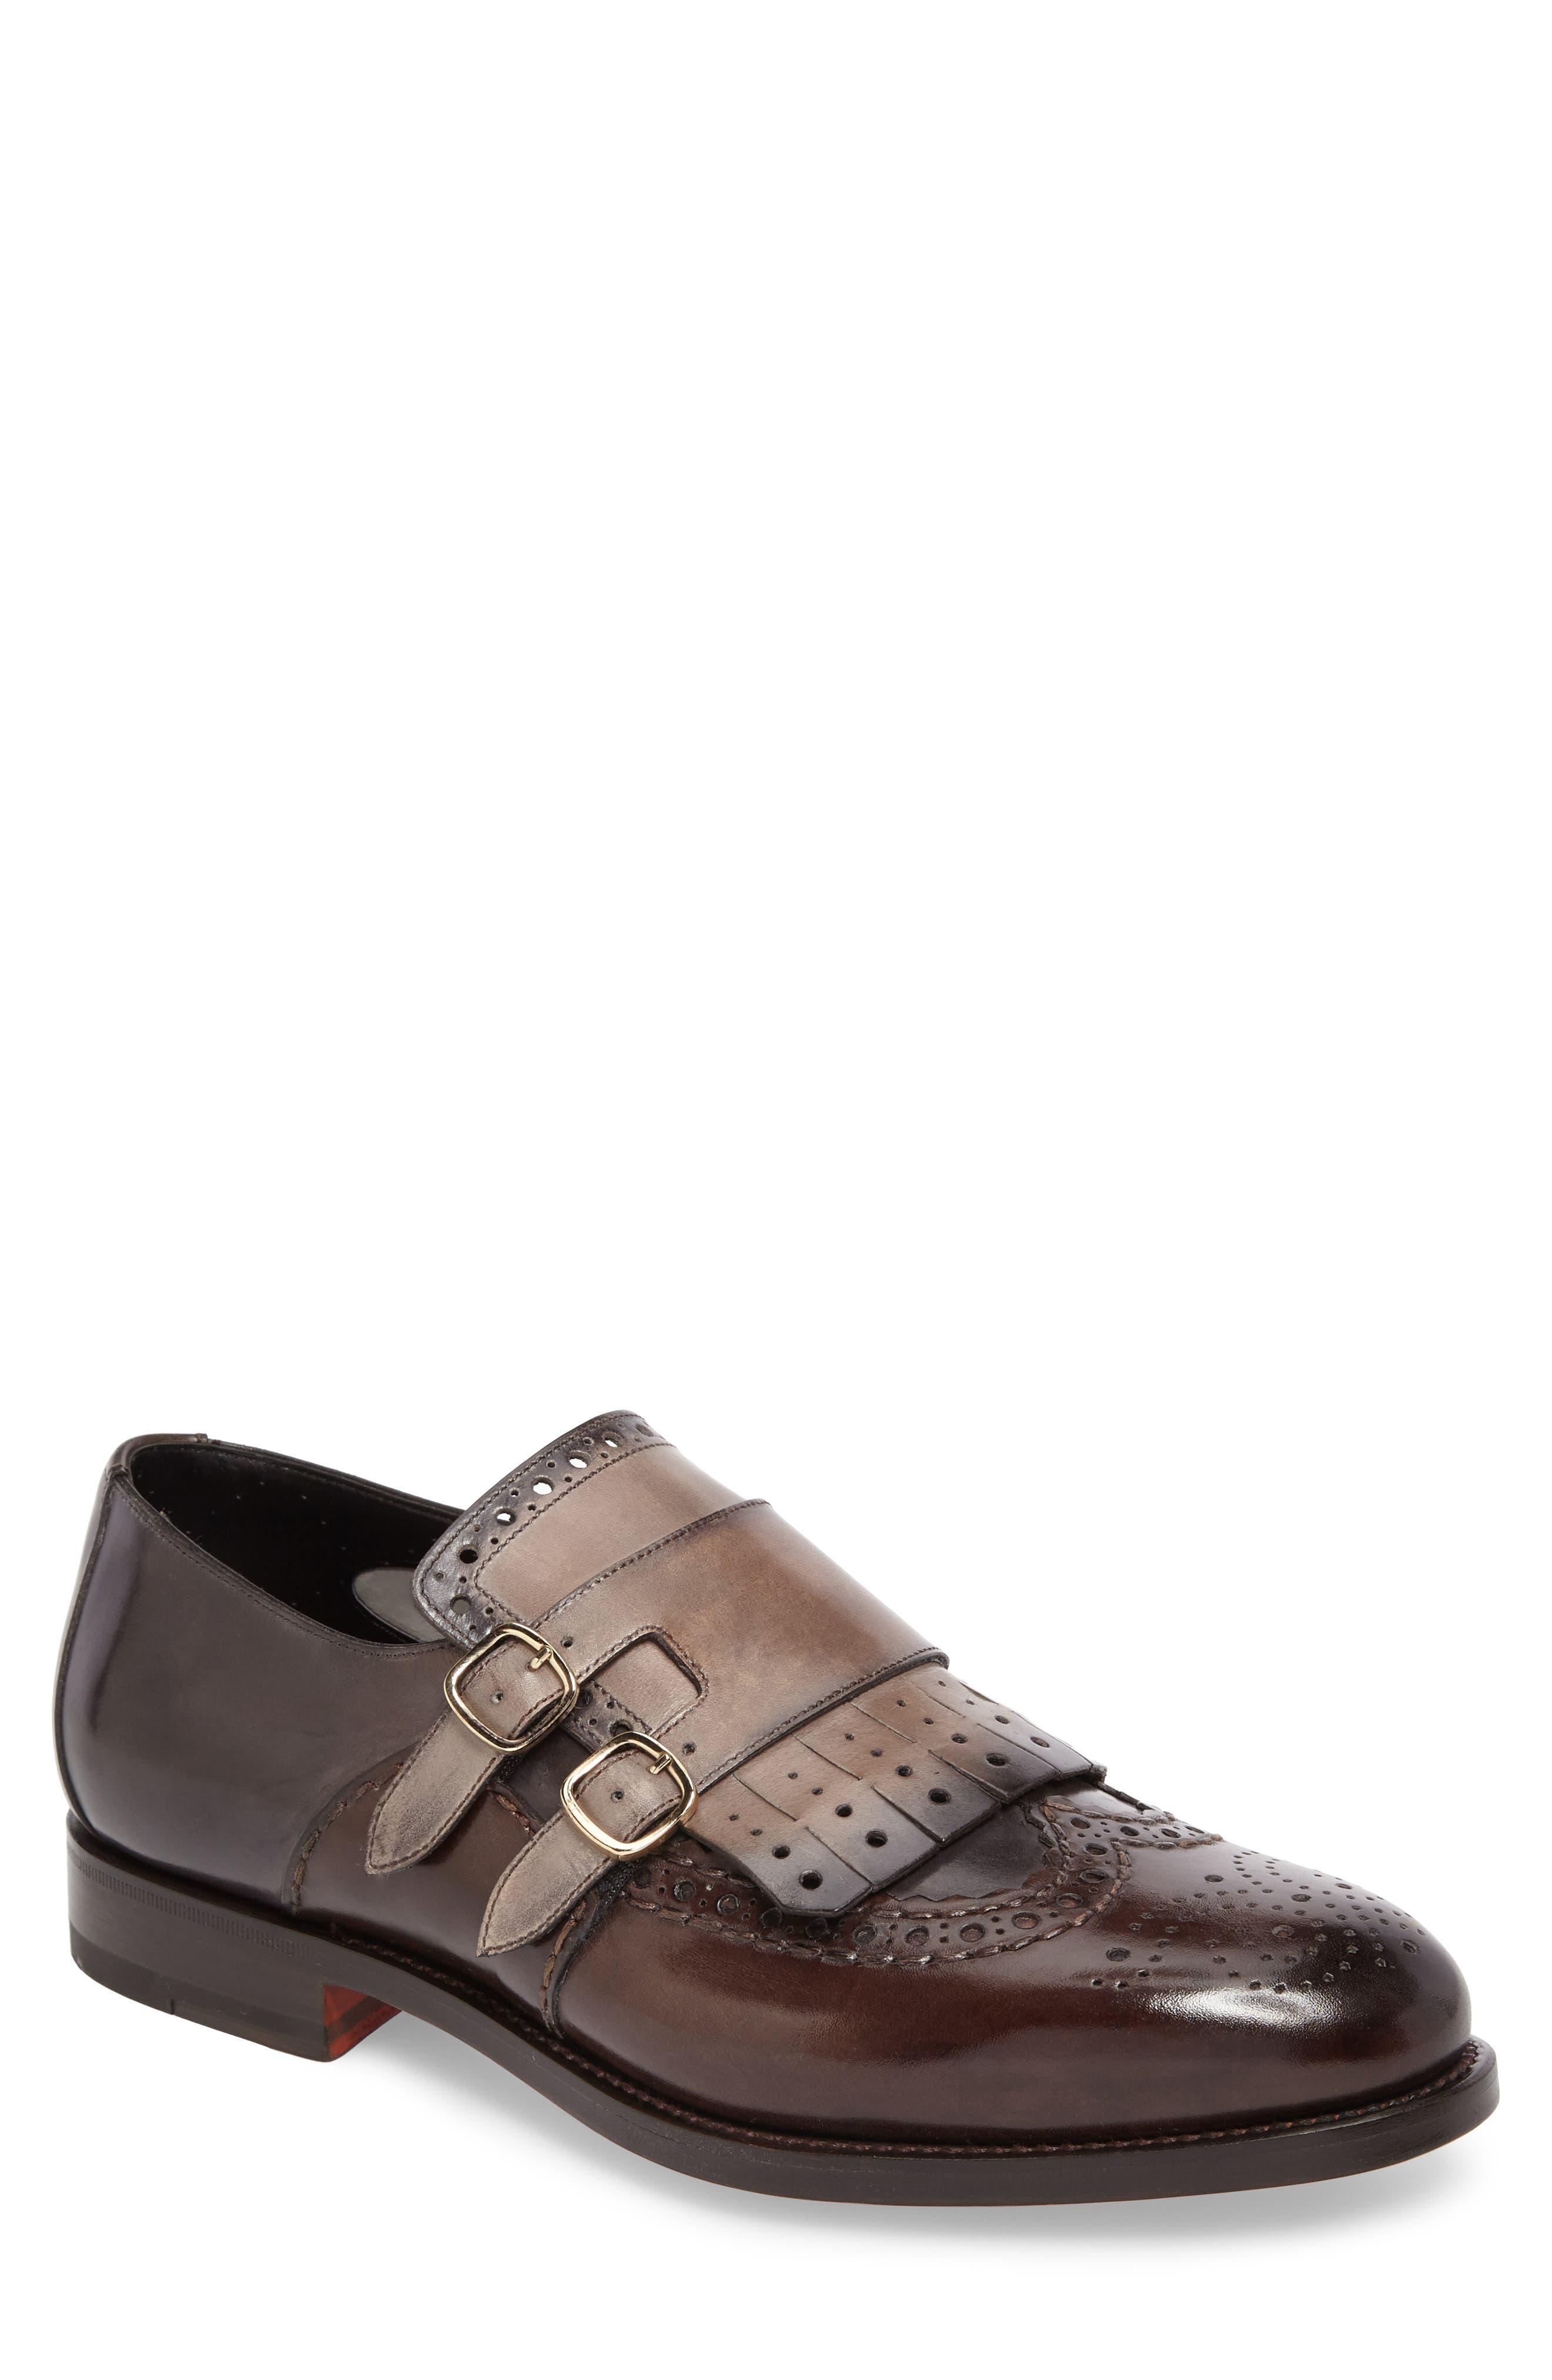 Goodwin Double Monk Strap Shoe,                             Main thumbnail 1, color,                             030